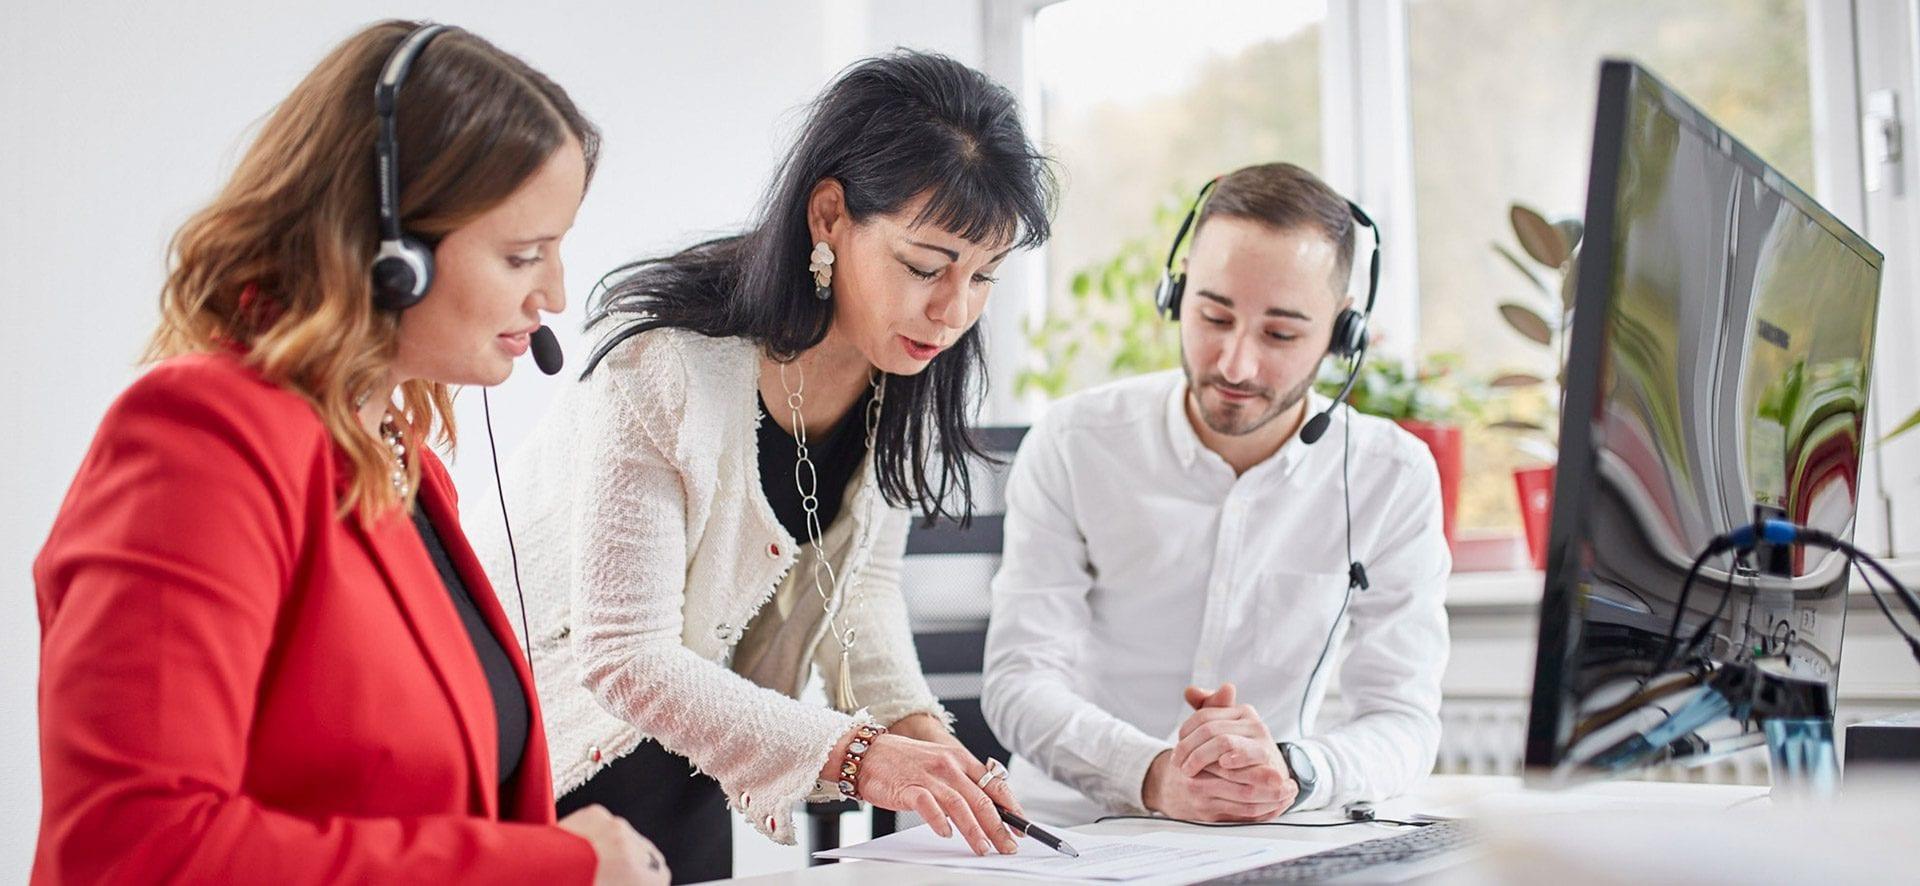 Kunden Kaltakquise Team Besprechnung